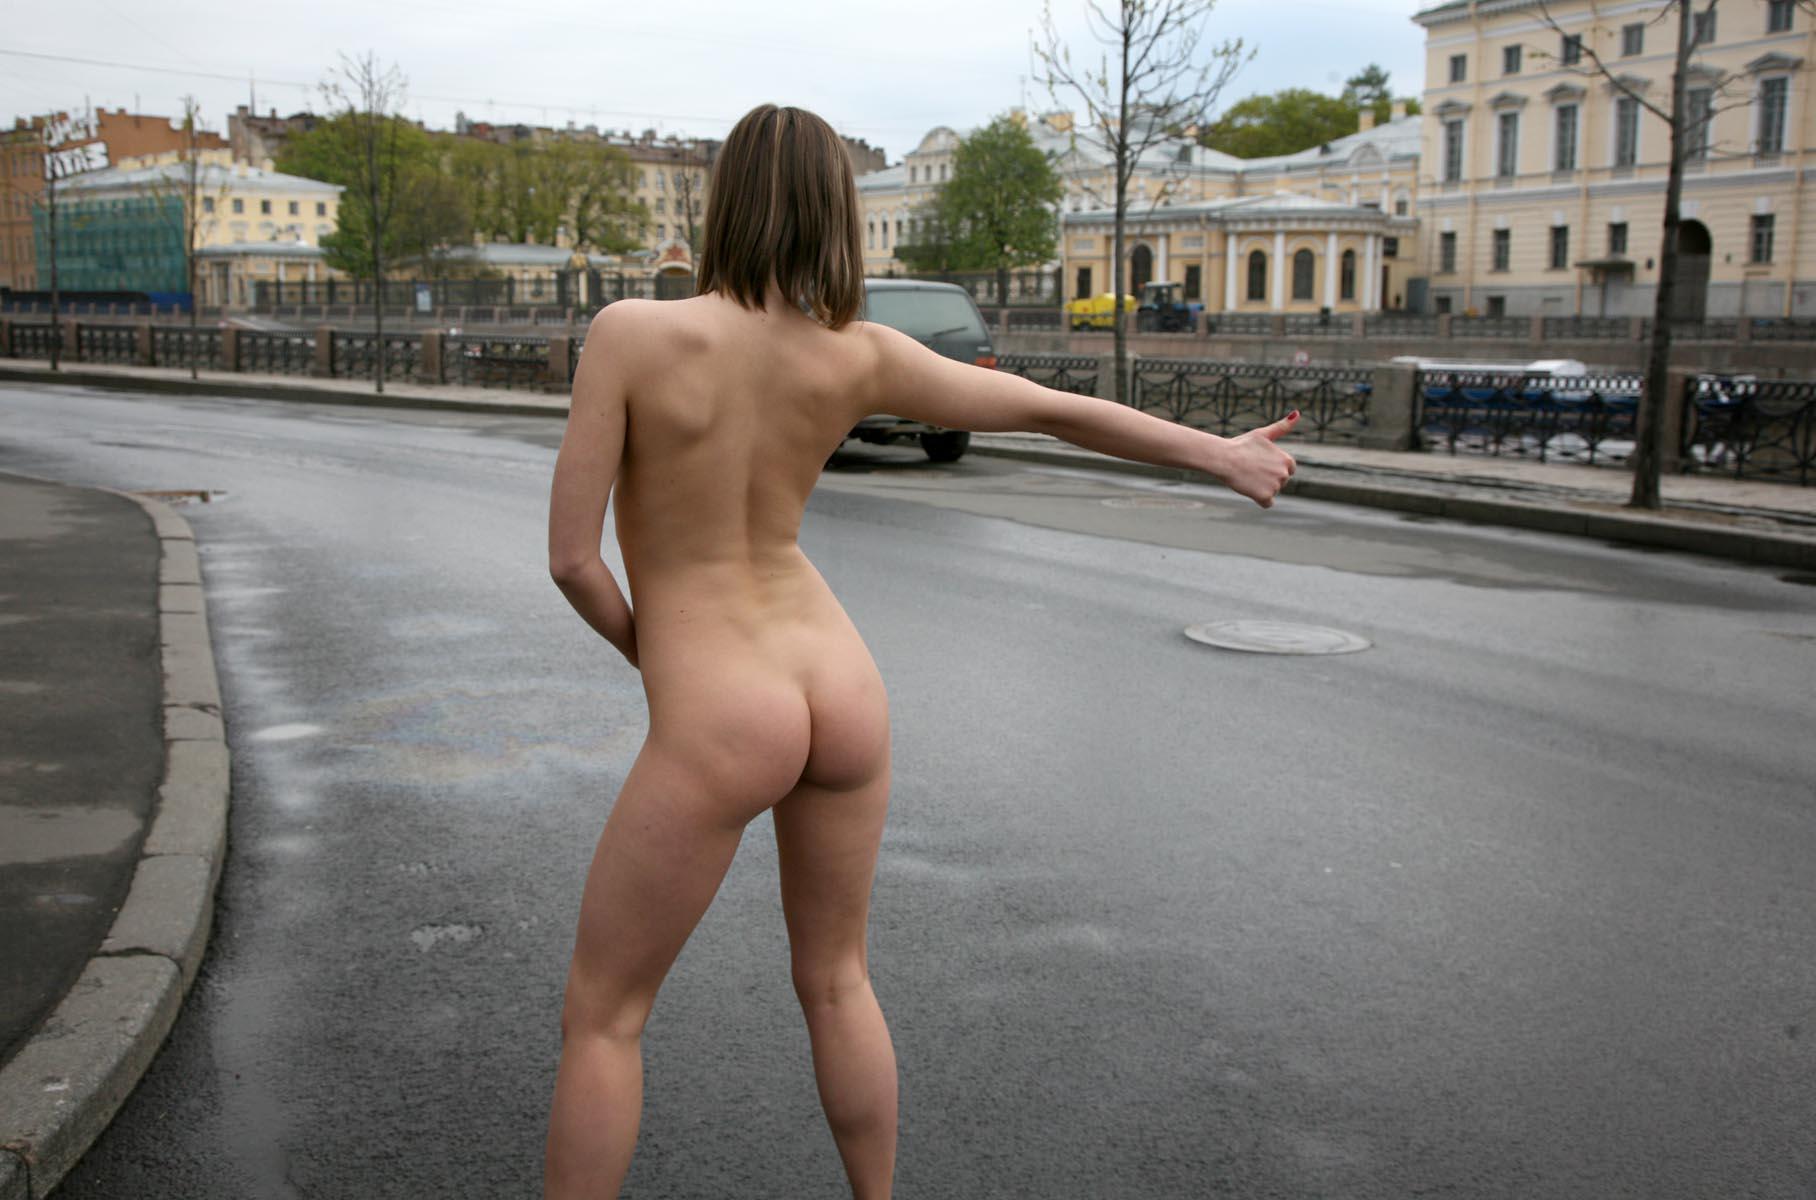 эротическое видео девушек в городе человек душе